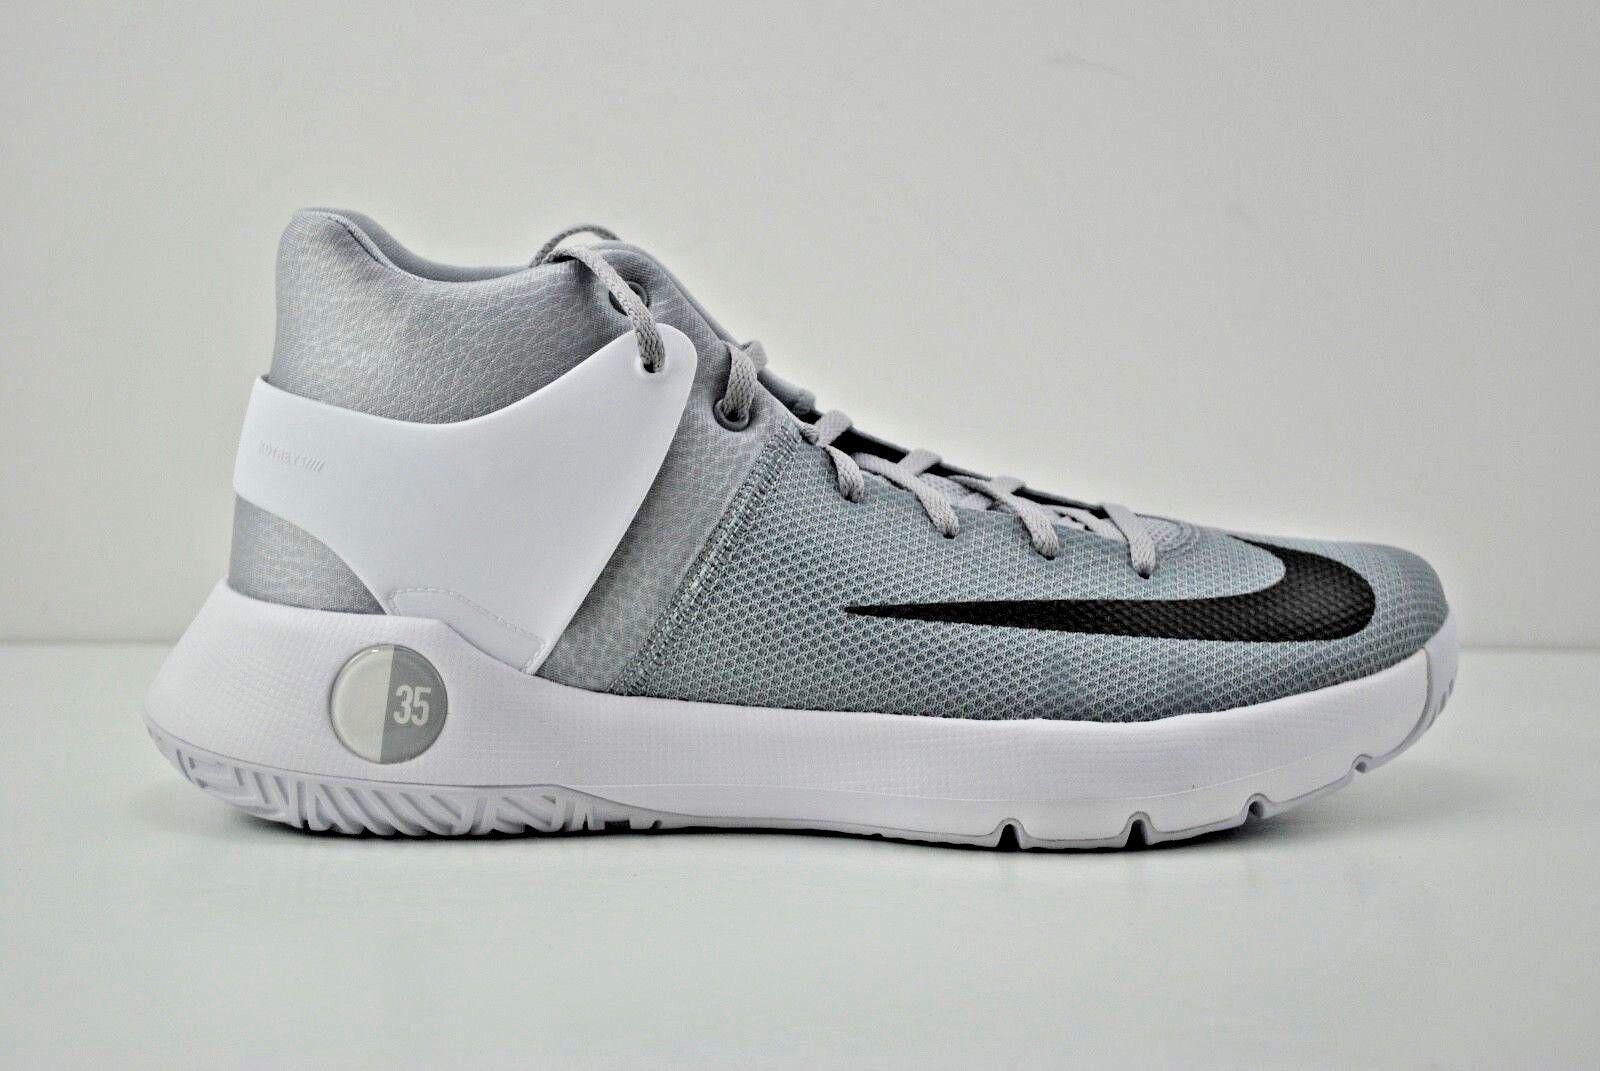 sports shoes 96a04 7a7bc ... mujeres, el limitado tiempo de descuento,. Nike KD Trey 5 IV TB promo  promo promo basketball Zapatos cómodos zapatos nuevos para hombres